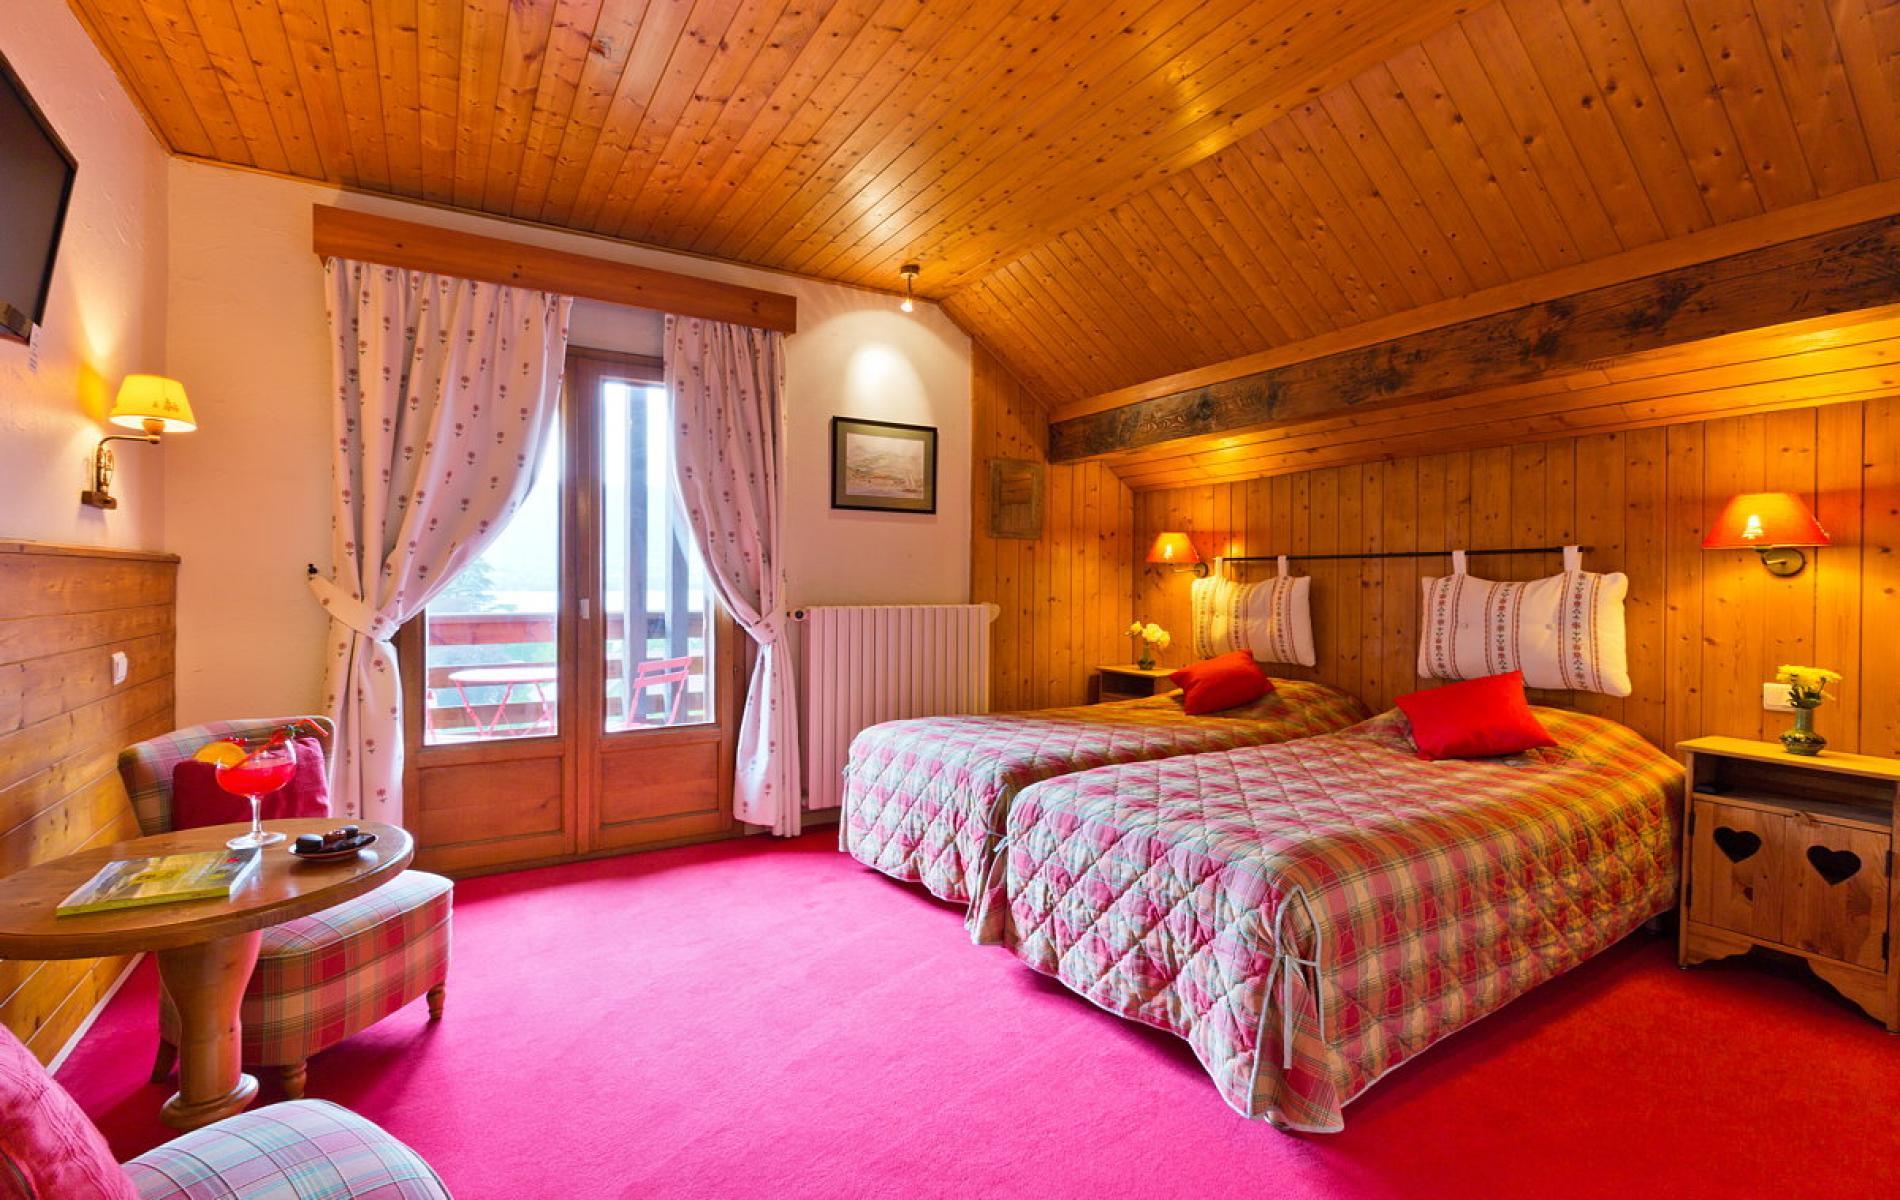 Tarifs et offres du logis h tel la charpenterie talloires for Chambre double lits jumeaux